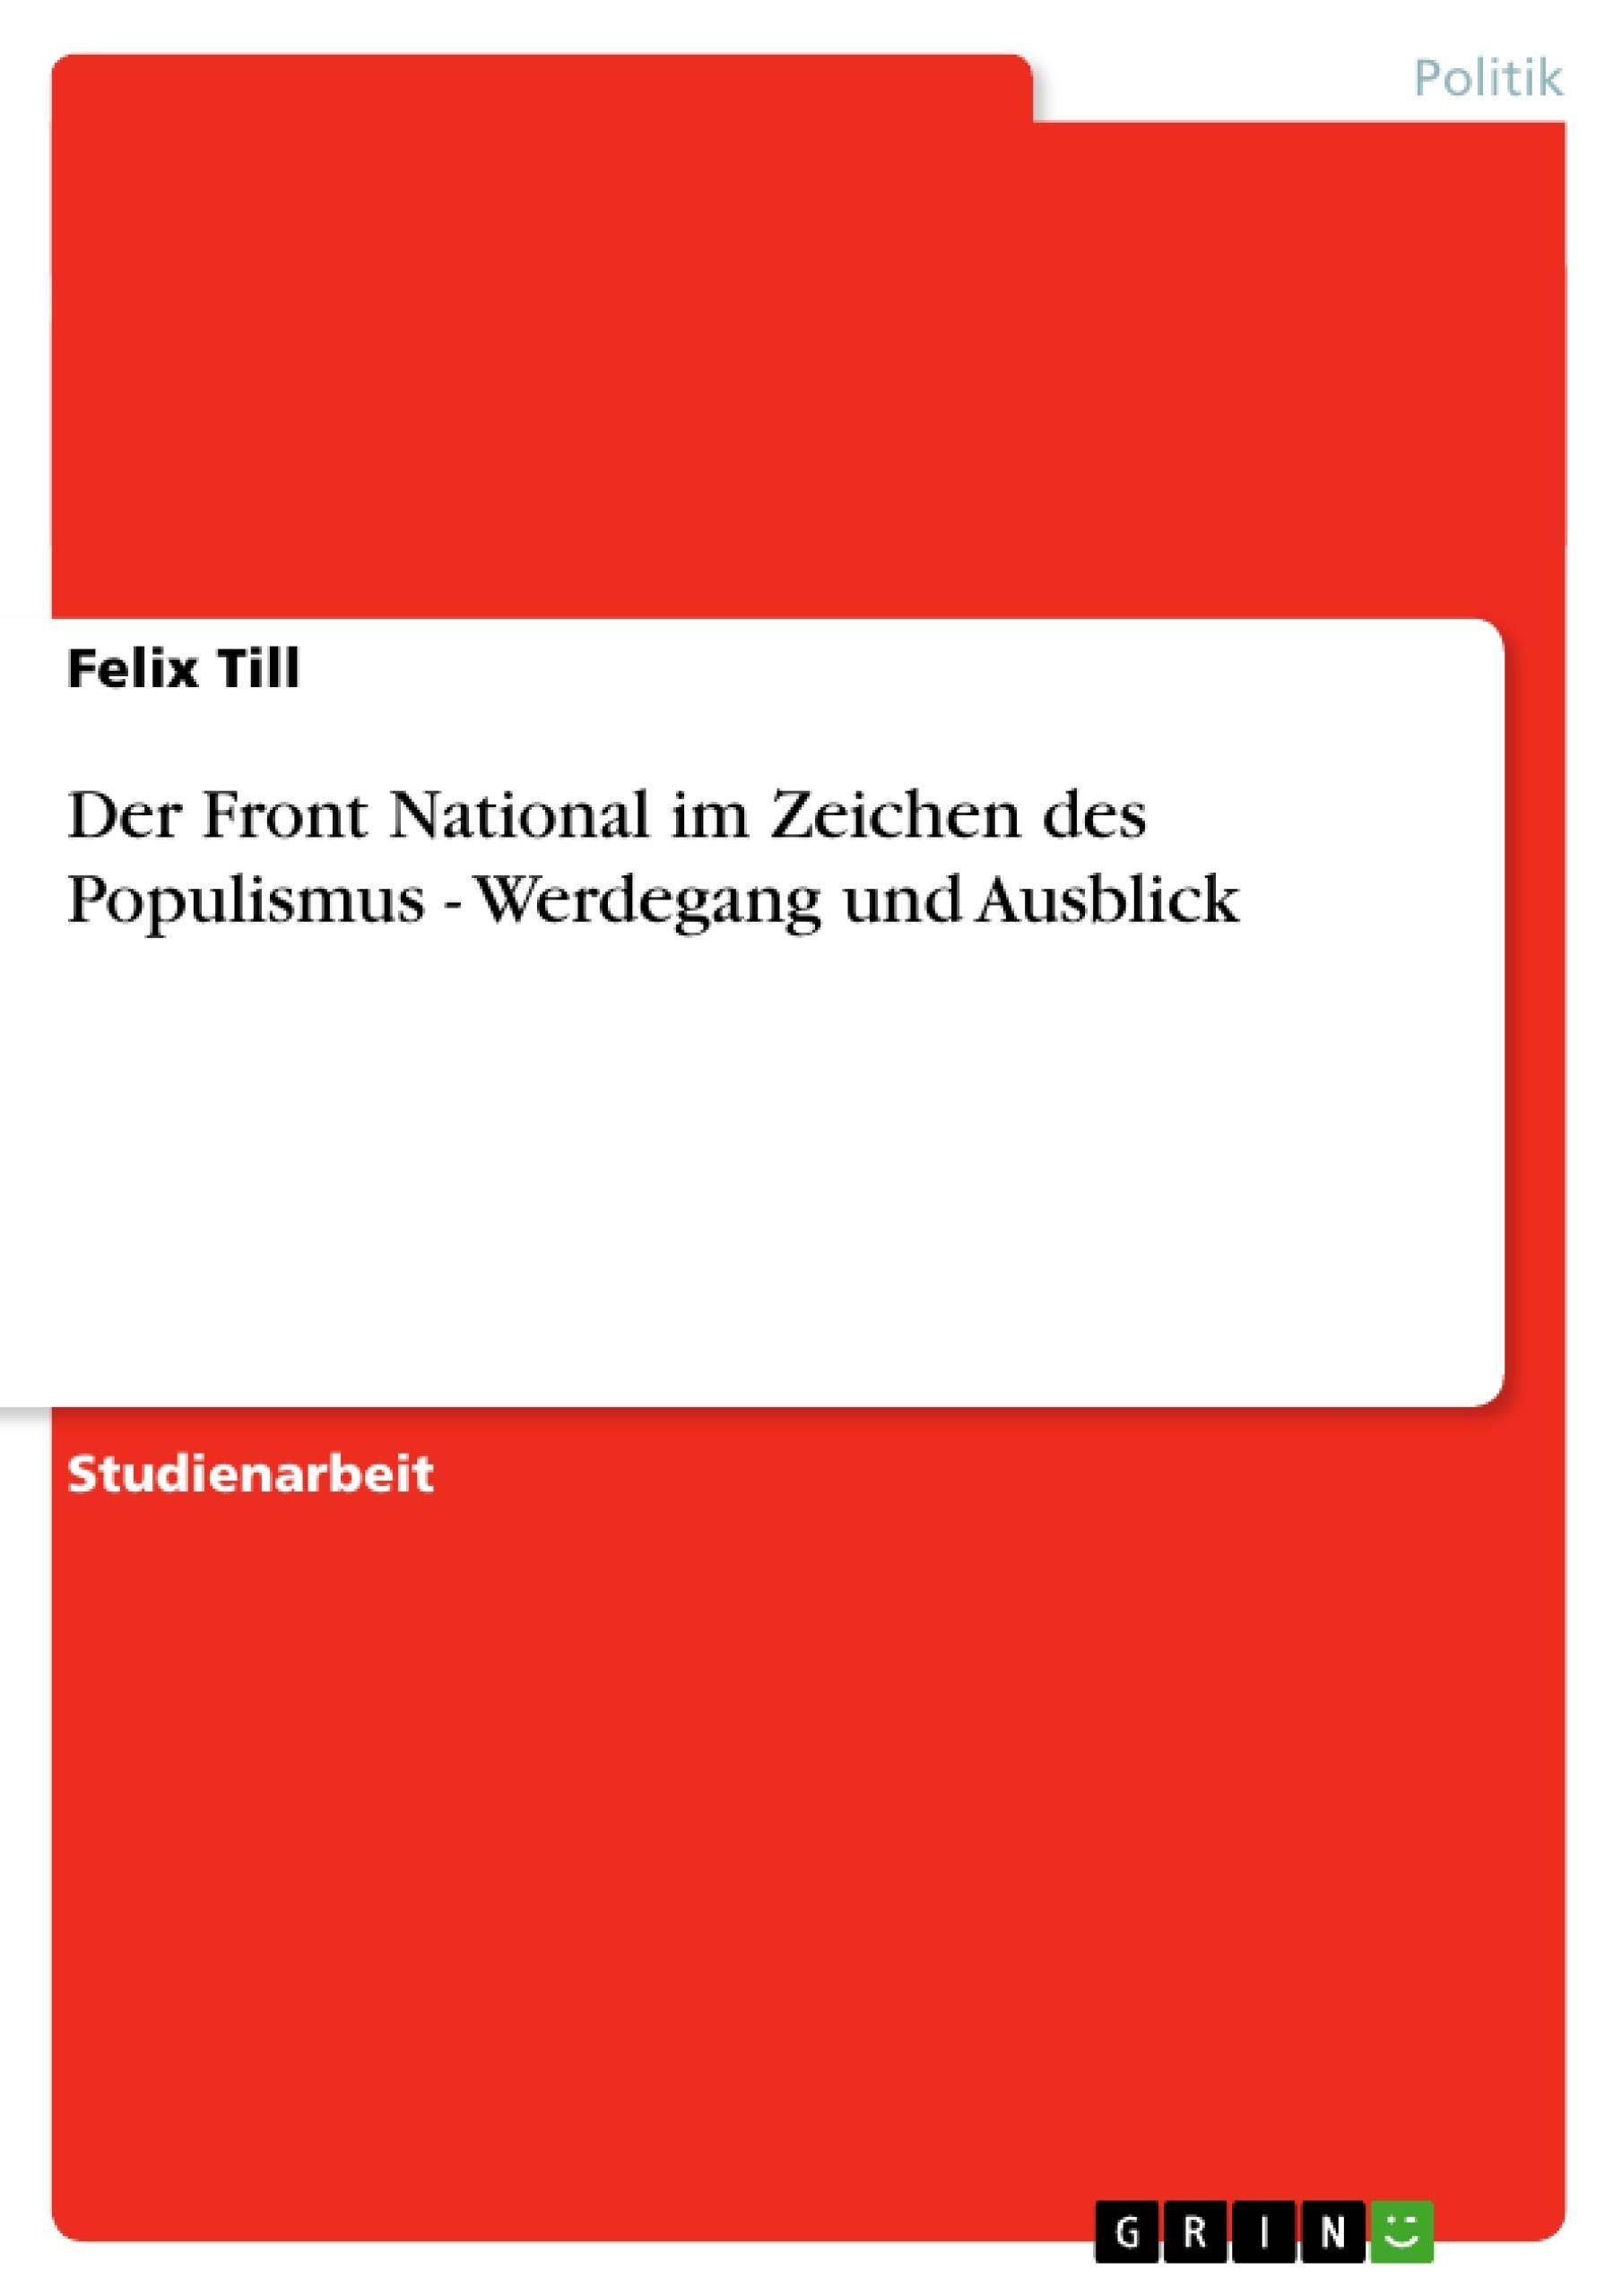 Titel: Der Front National im Zeichen des Populismus - Werdegang und Ausblick